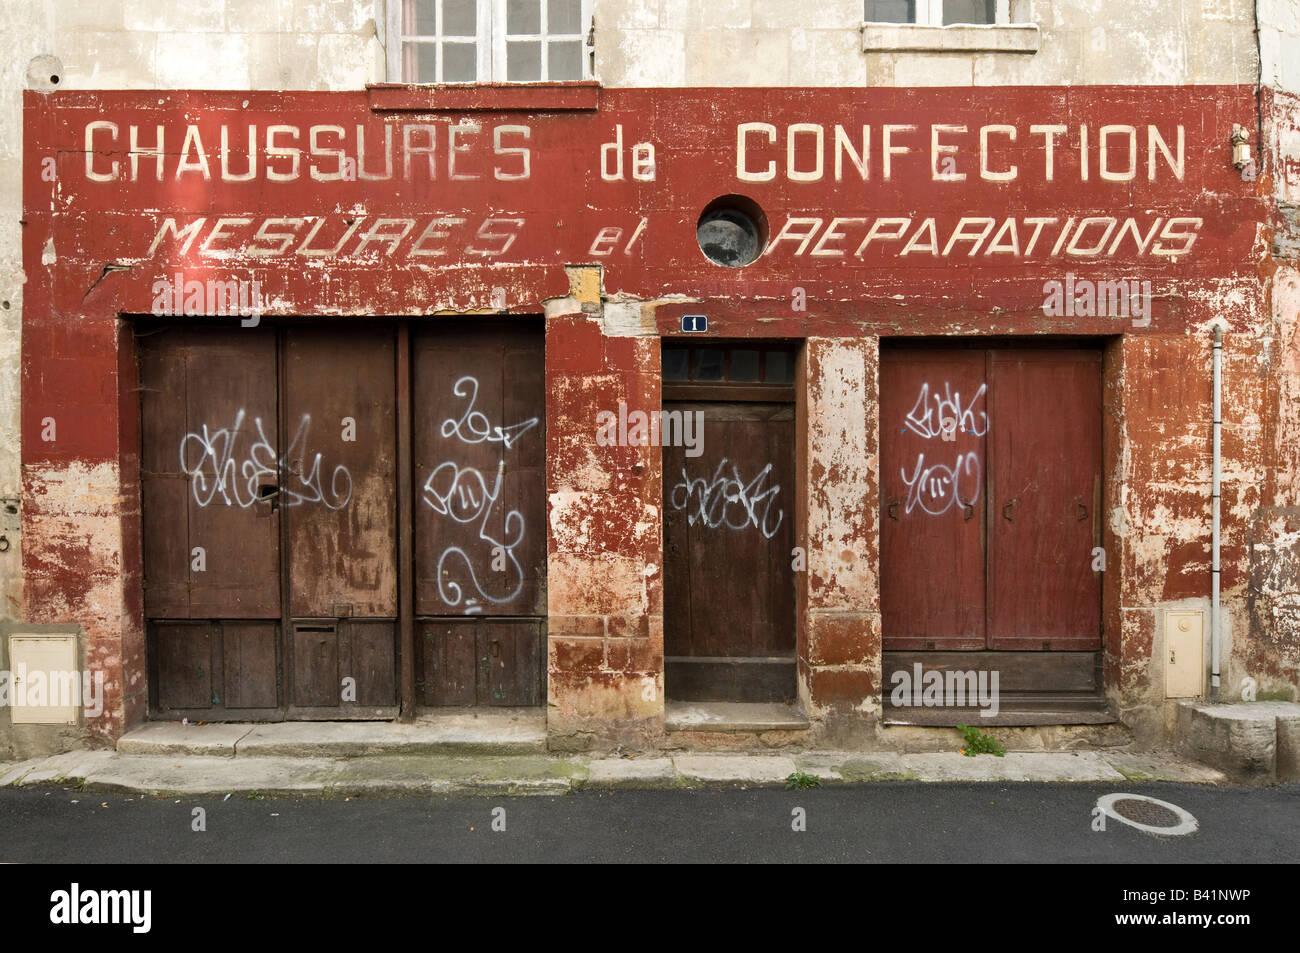 'Chaussures de Confection' shop sign, Sainte-Maure-de-Touraine, France. - Stock Image